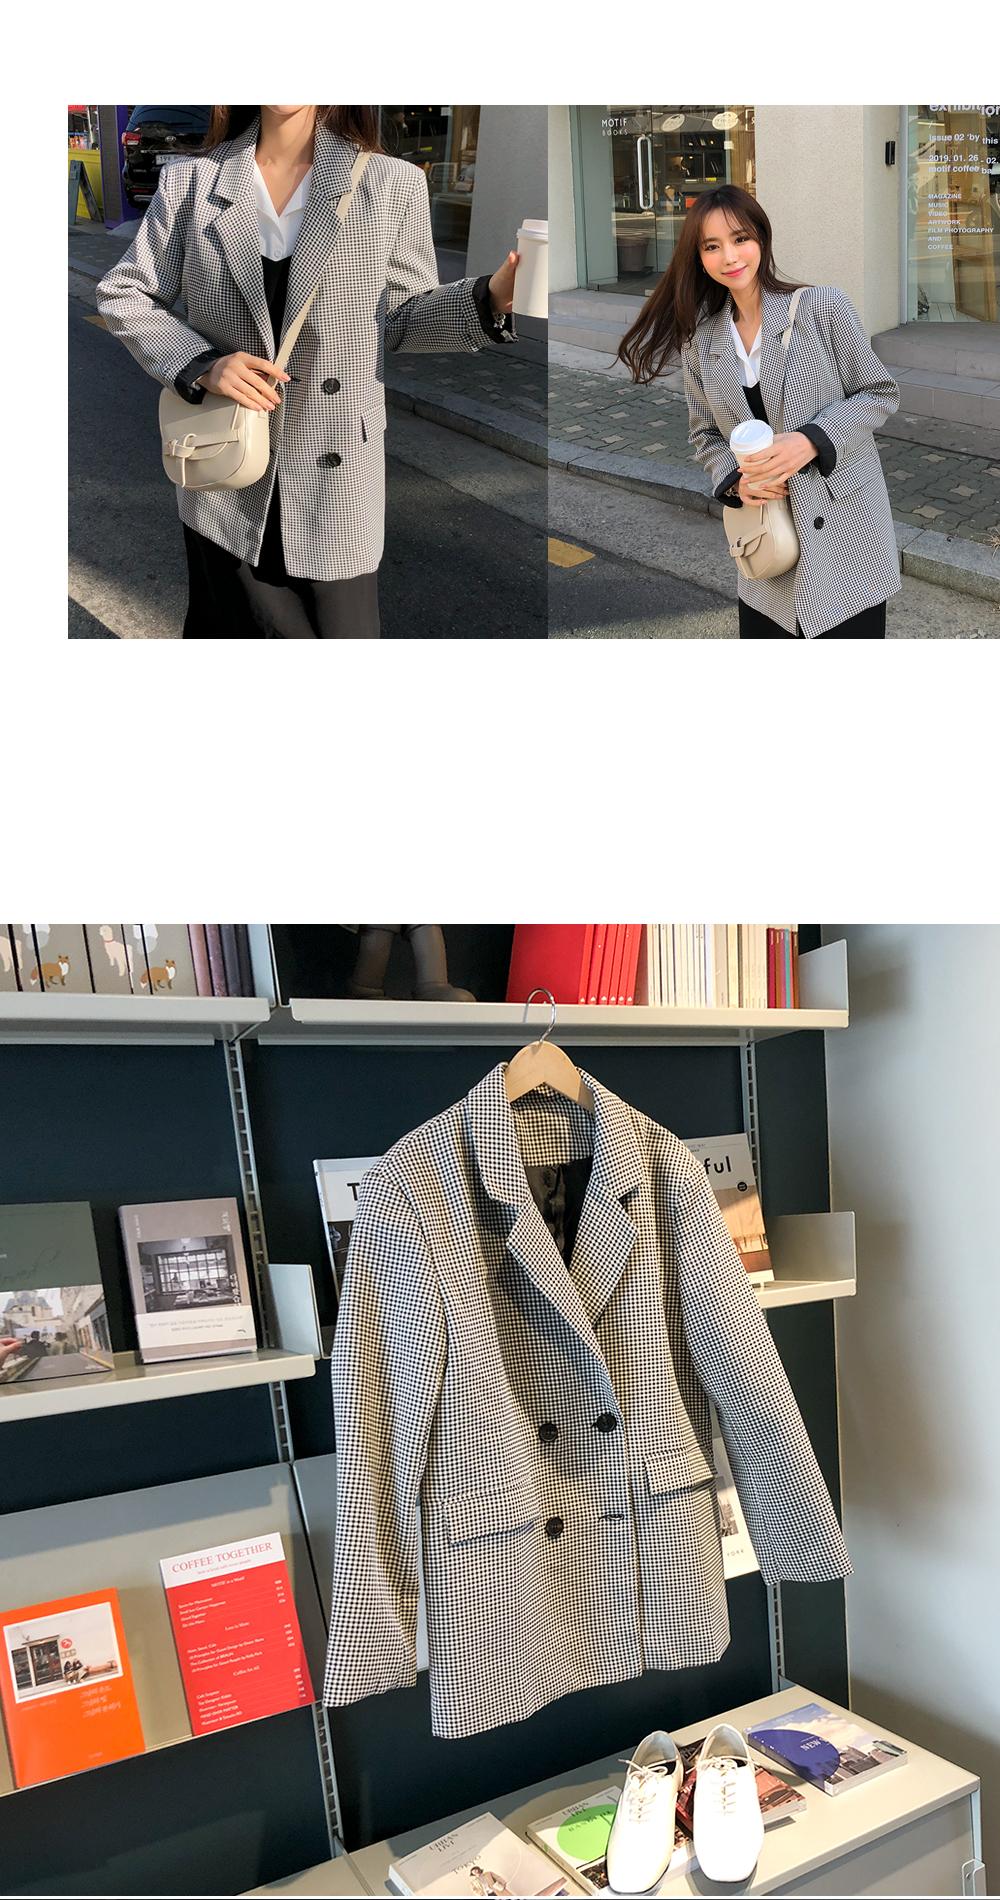 Epitone check jacket